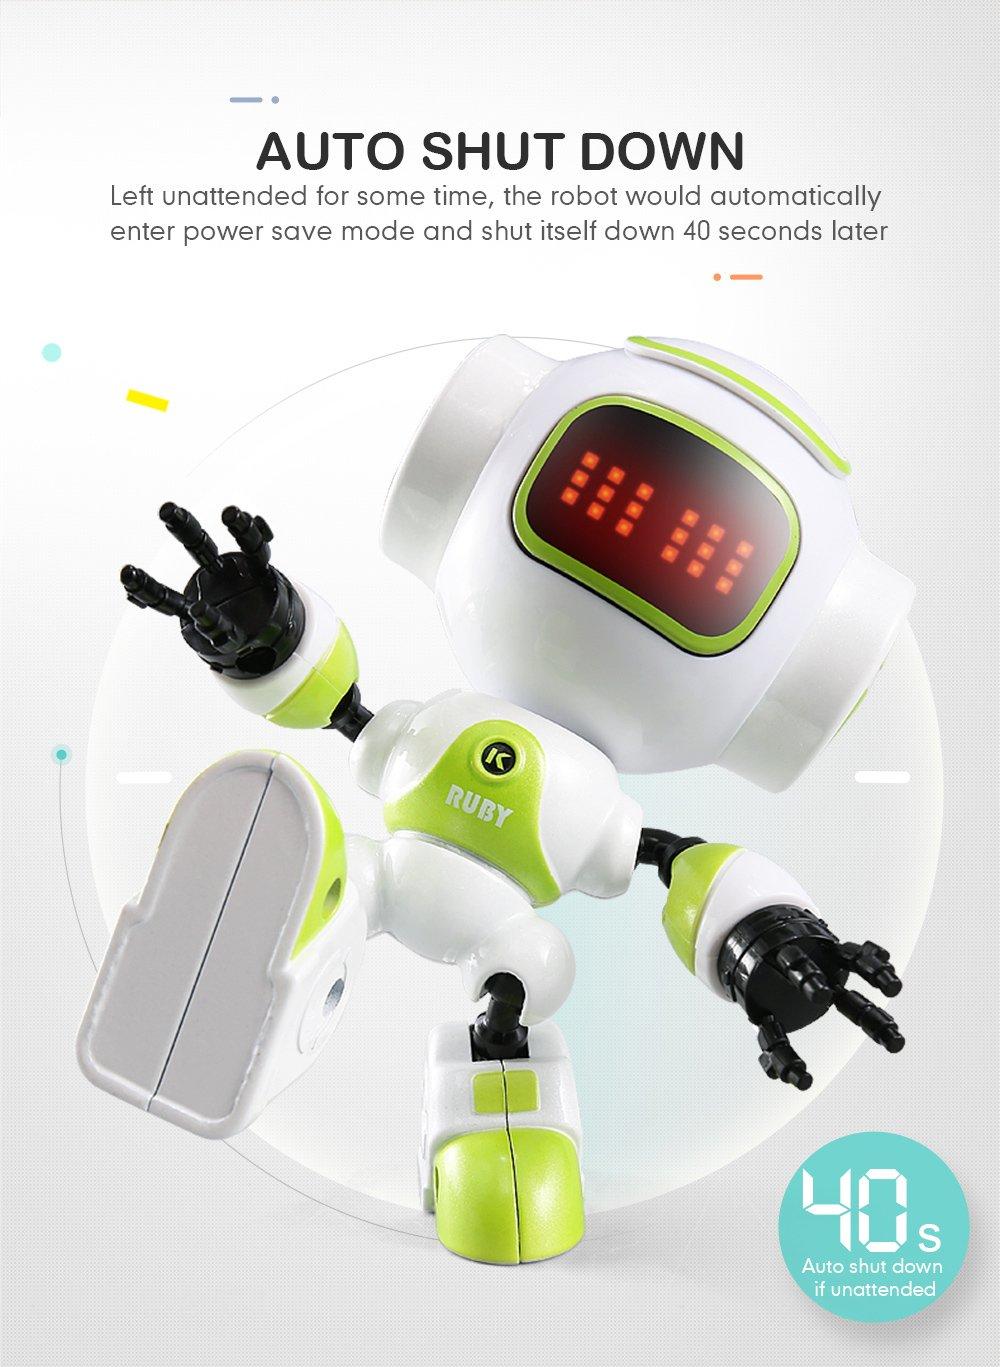 OMZBM Smart Portable Robot Juguetes Multifuncioacute;n Educacioacute;n Educacioacute;n Educacioacute;n Temprana RC Juego Interactivo Mejor Regalo Chicos Nintilde;as Nintilde;os Nintilde;o Compantilde;ero,Bverde 91529e